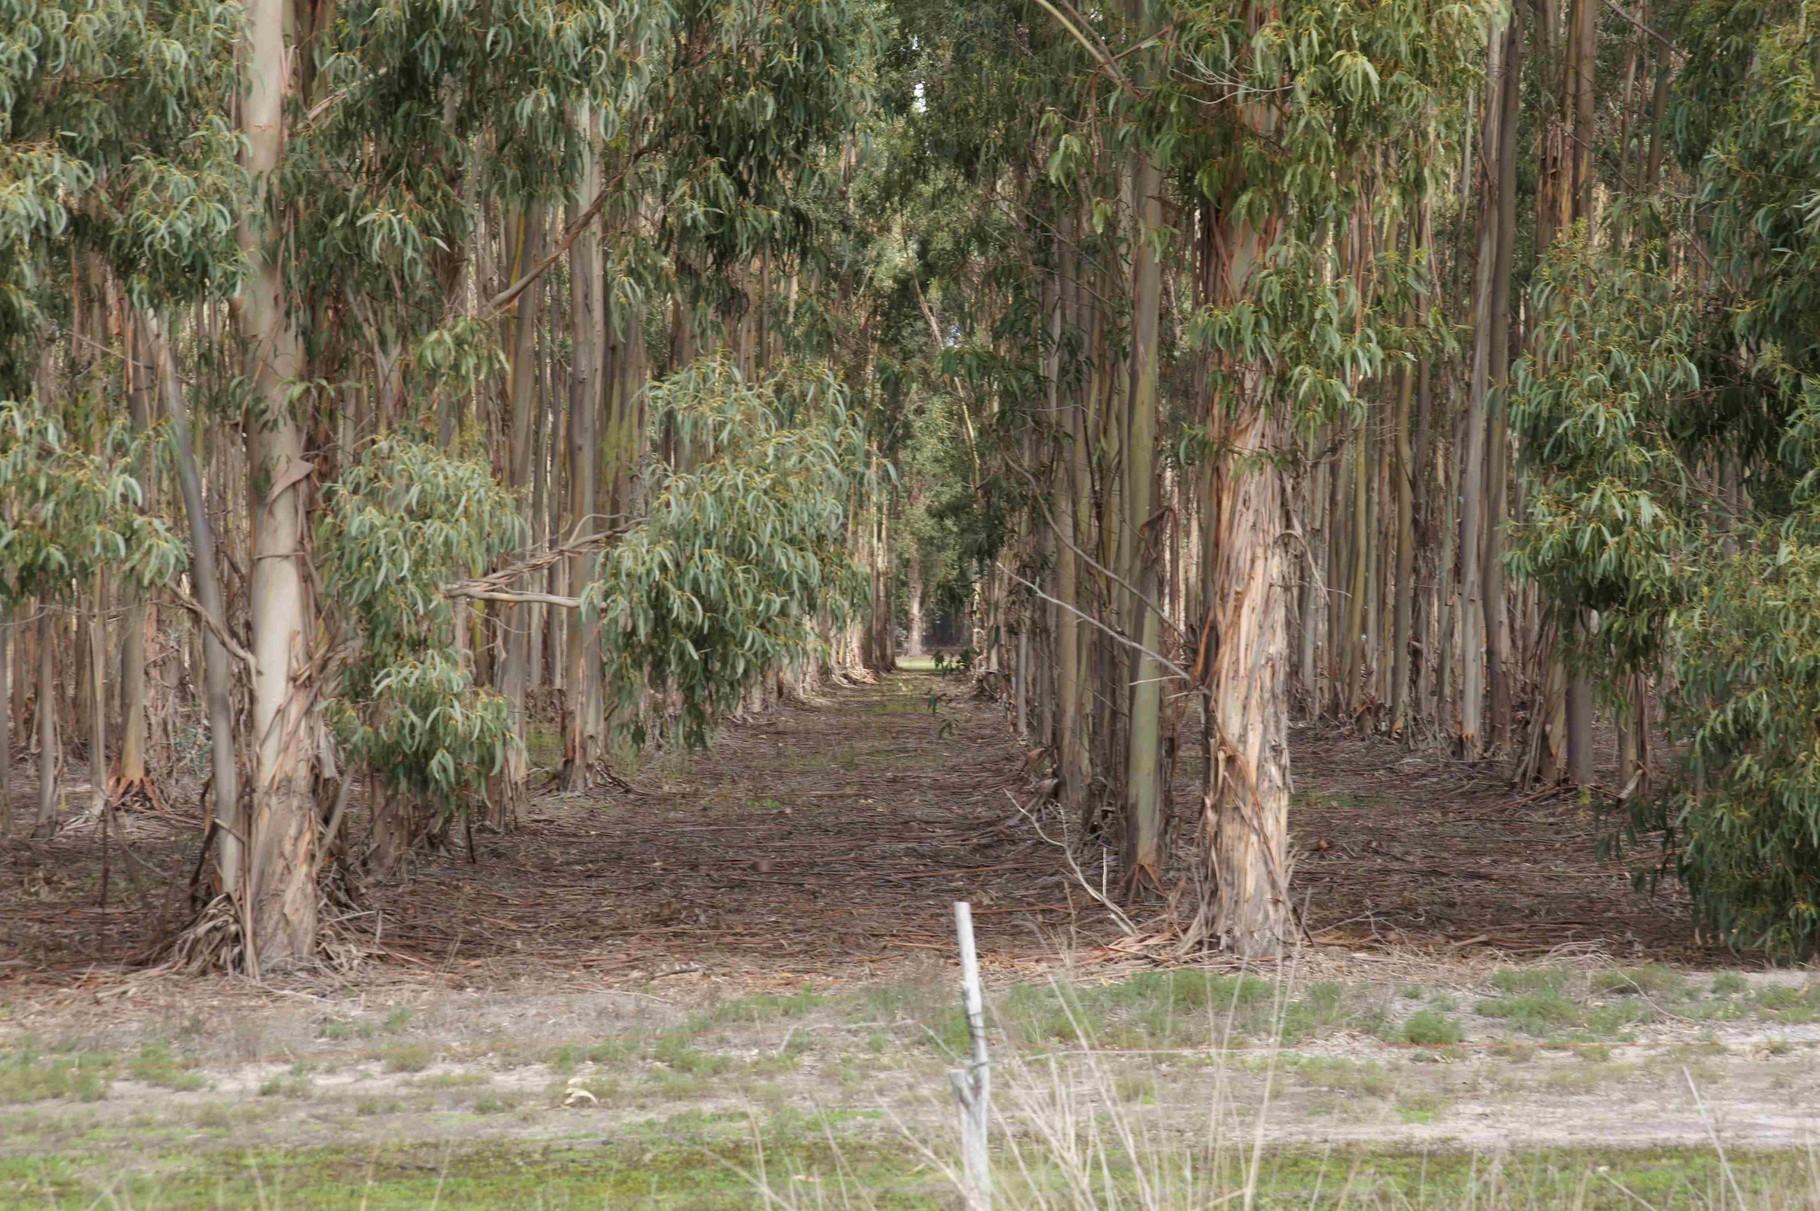 Waldplantage - Aufzucht für die Holzindustrie, Nähe Esperance, WA